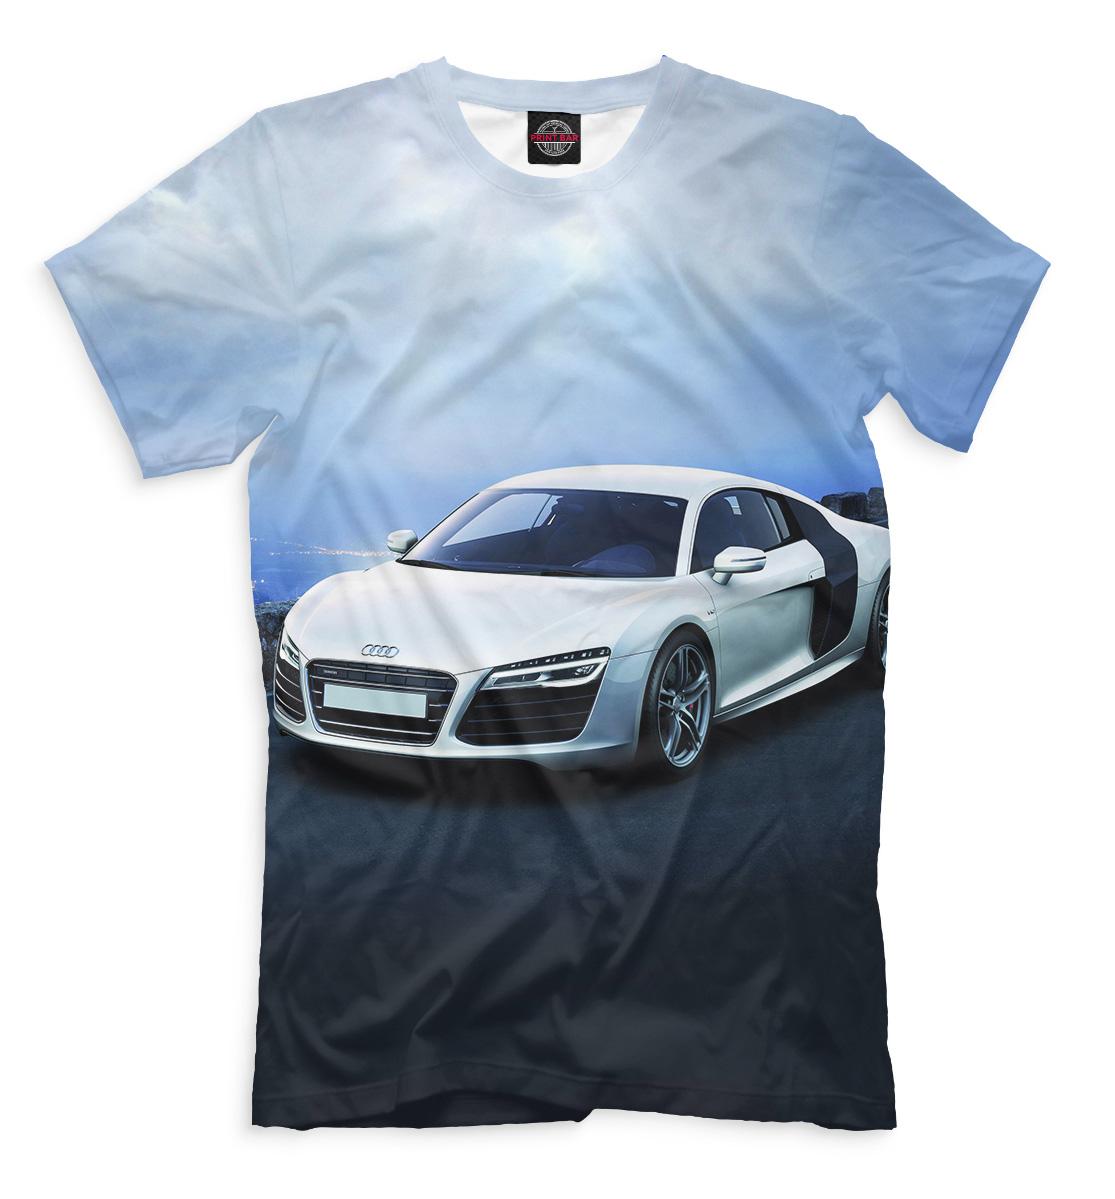 Купить Audi R8, Printbar, Футболки, AUD-805155-fut-2